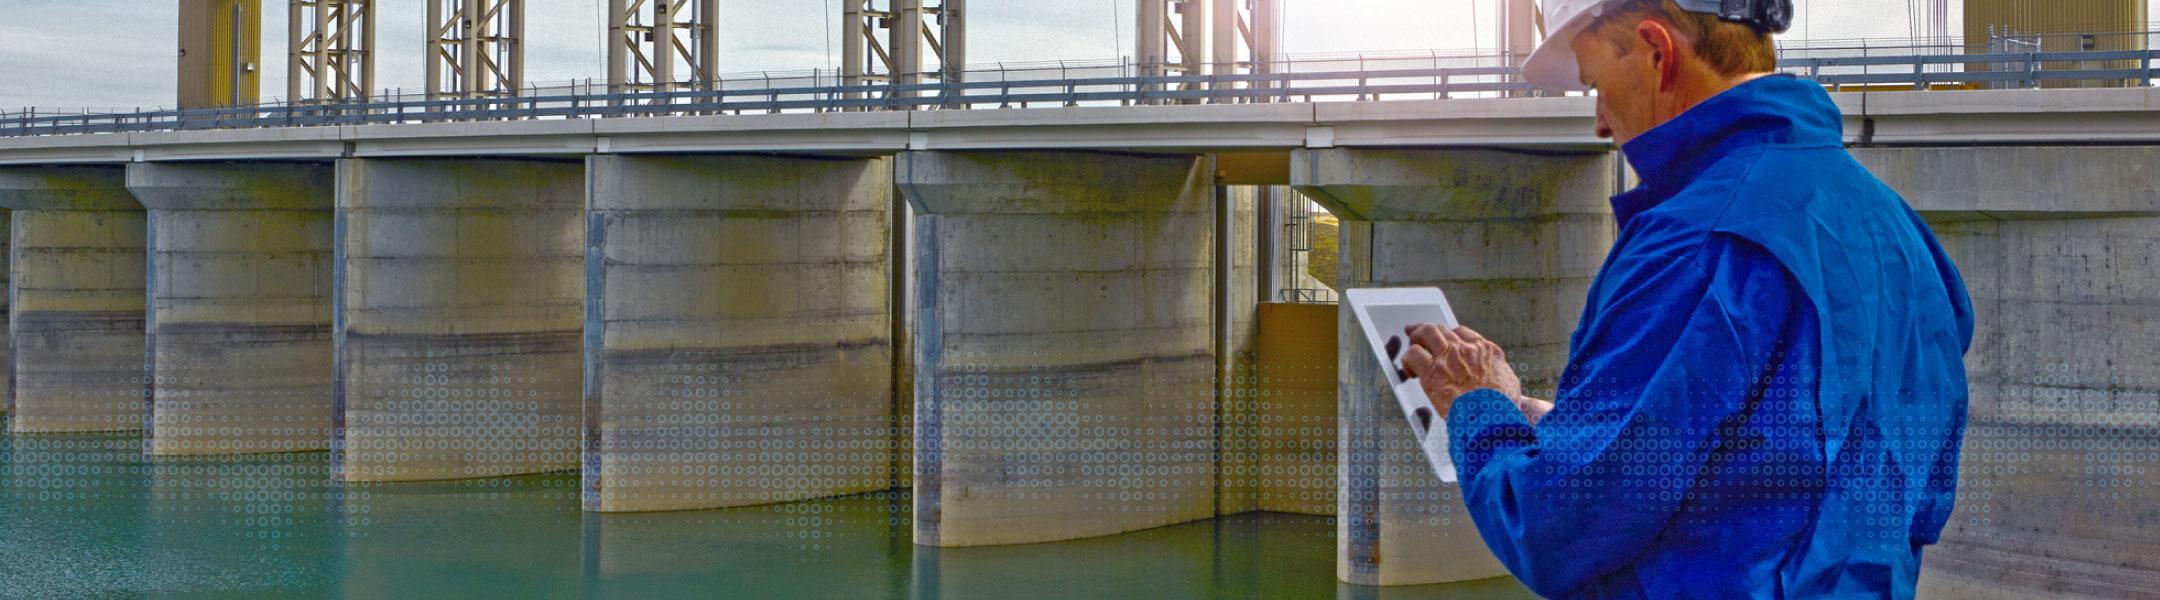 Soluções - Serviços públicos de água